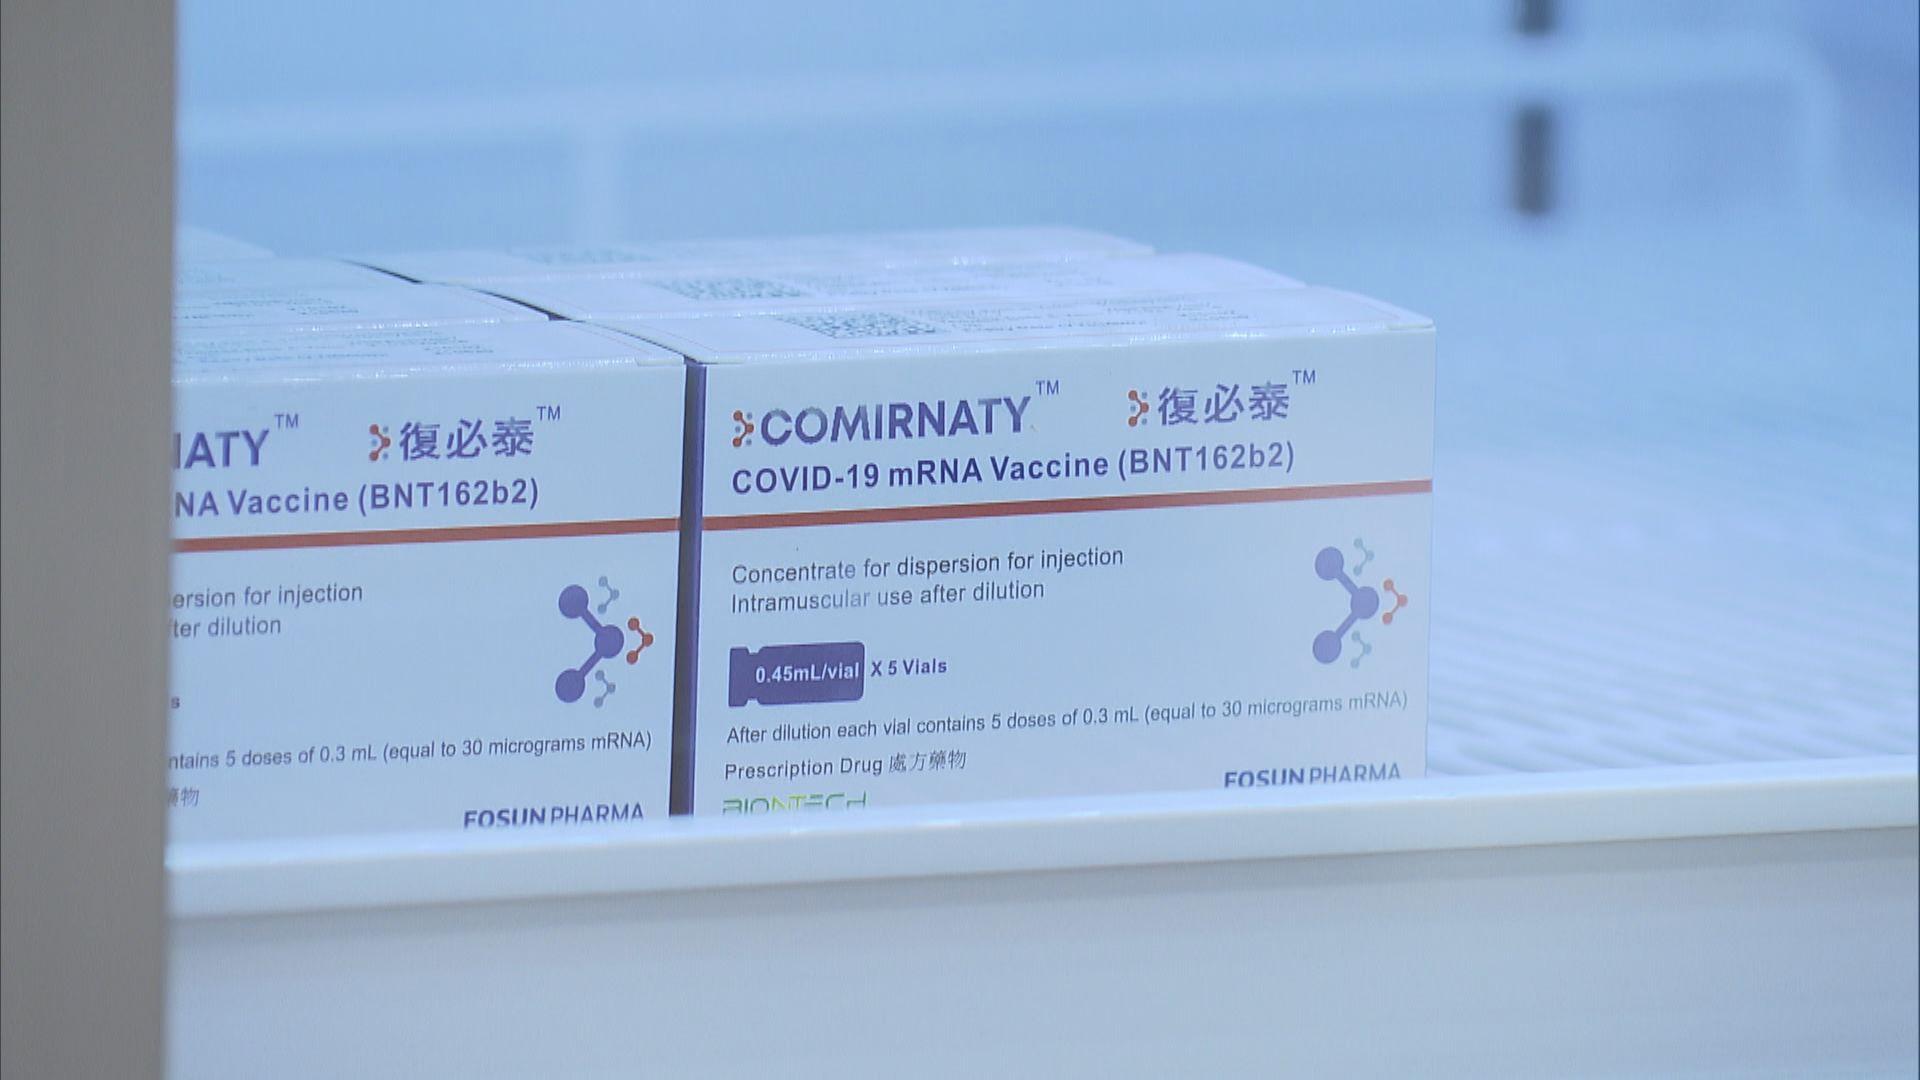 周二多十二間接種中心注射復必泰疫苗